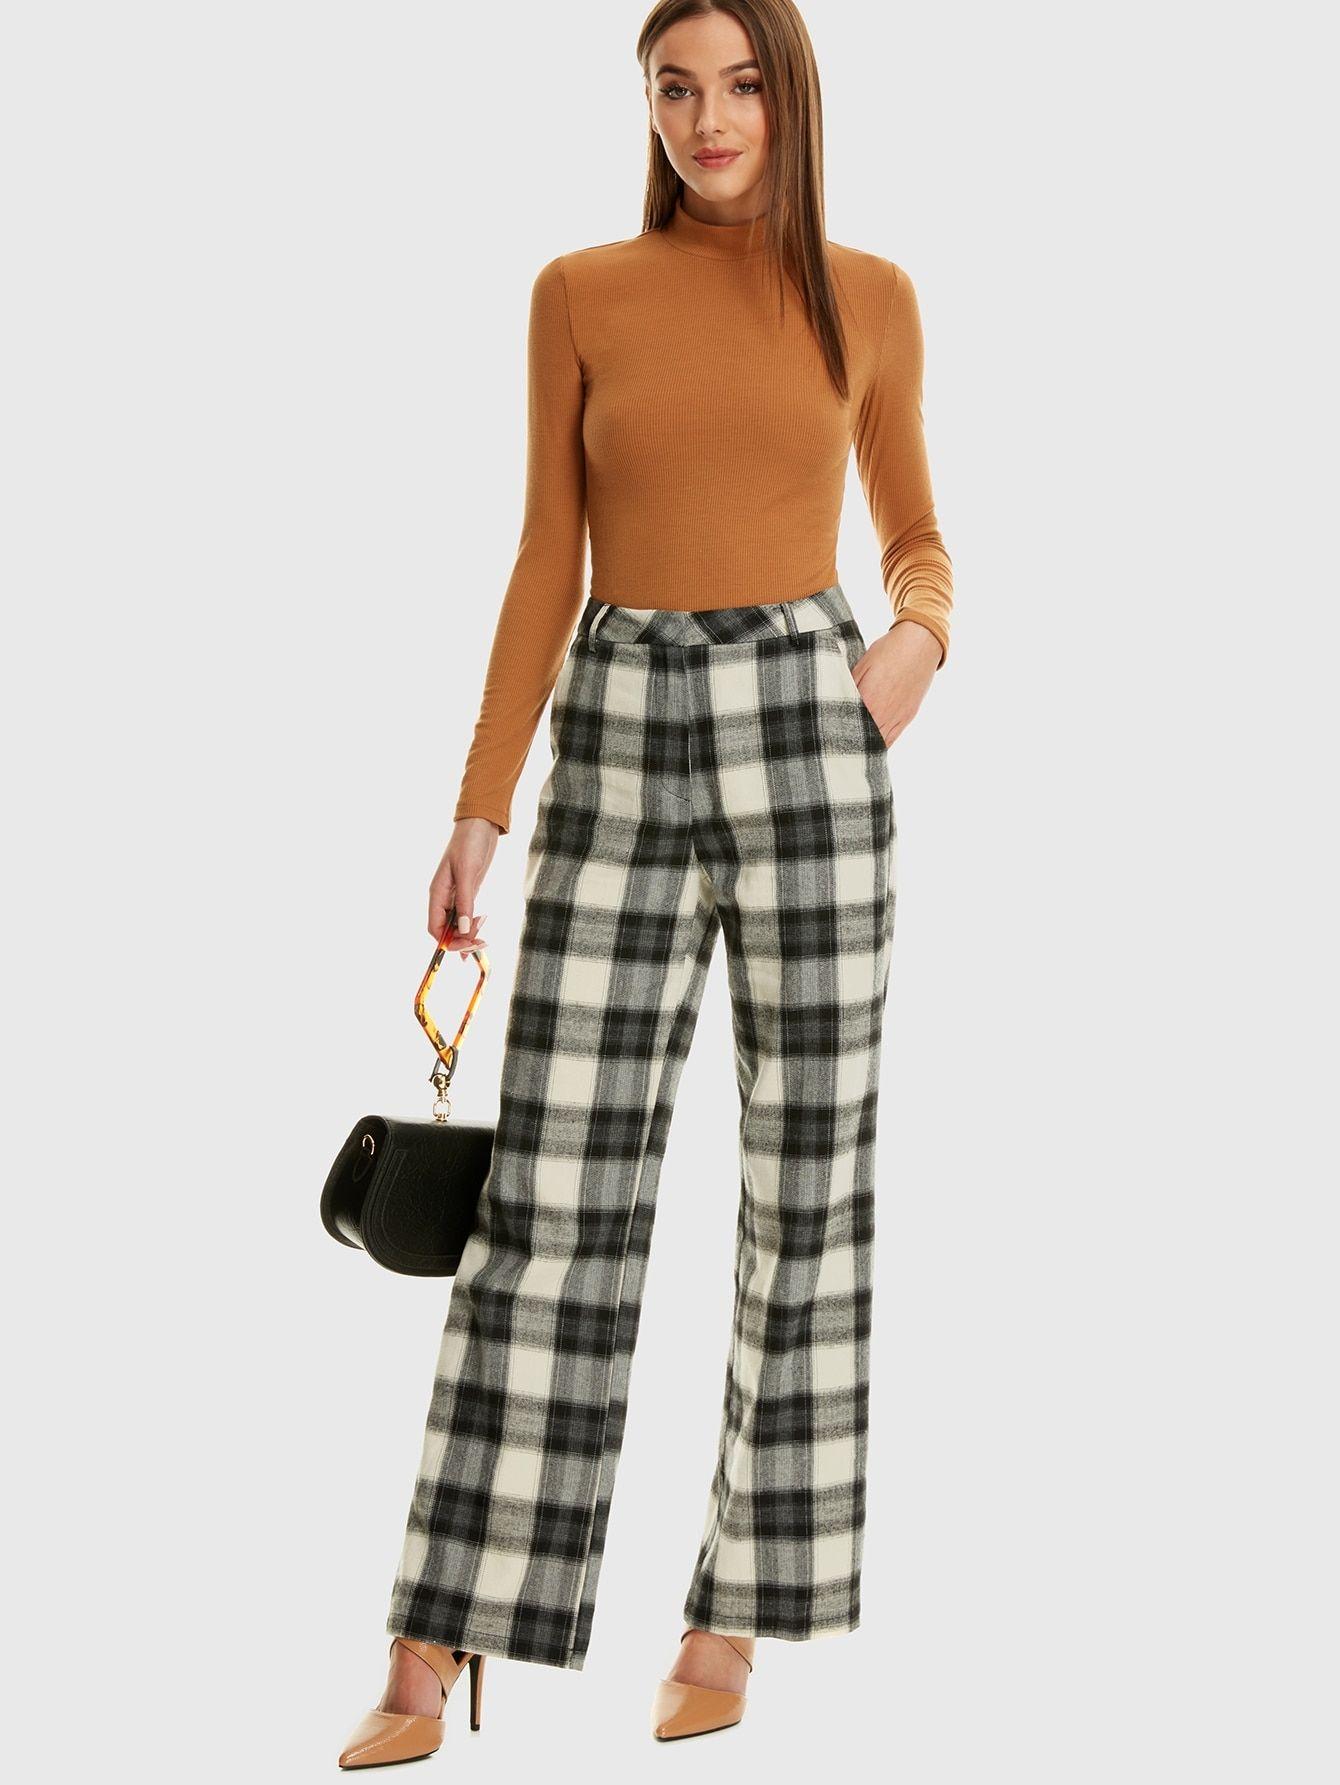 3b9ac0b803 Casual Plaid Wide Leg Regular Mid Waist Black and White Long Length Slant  Pocket Plaid Wide Leg Pants